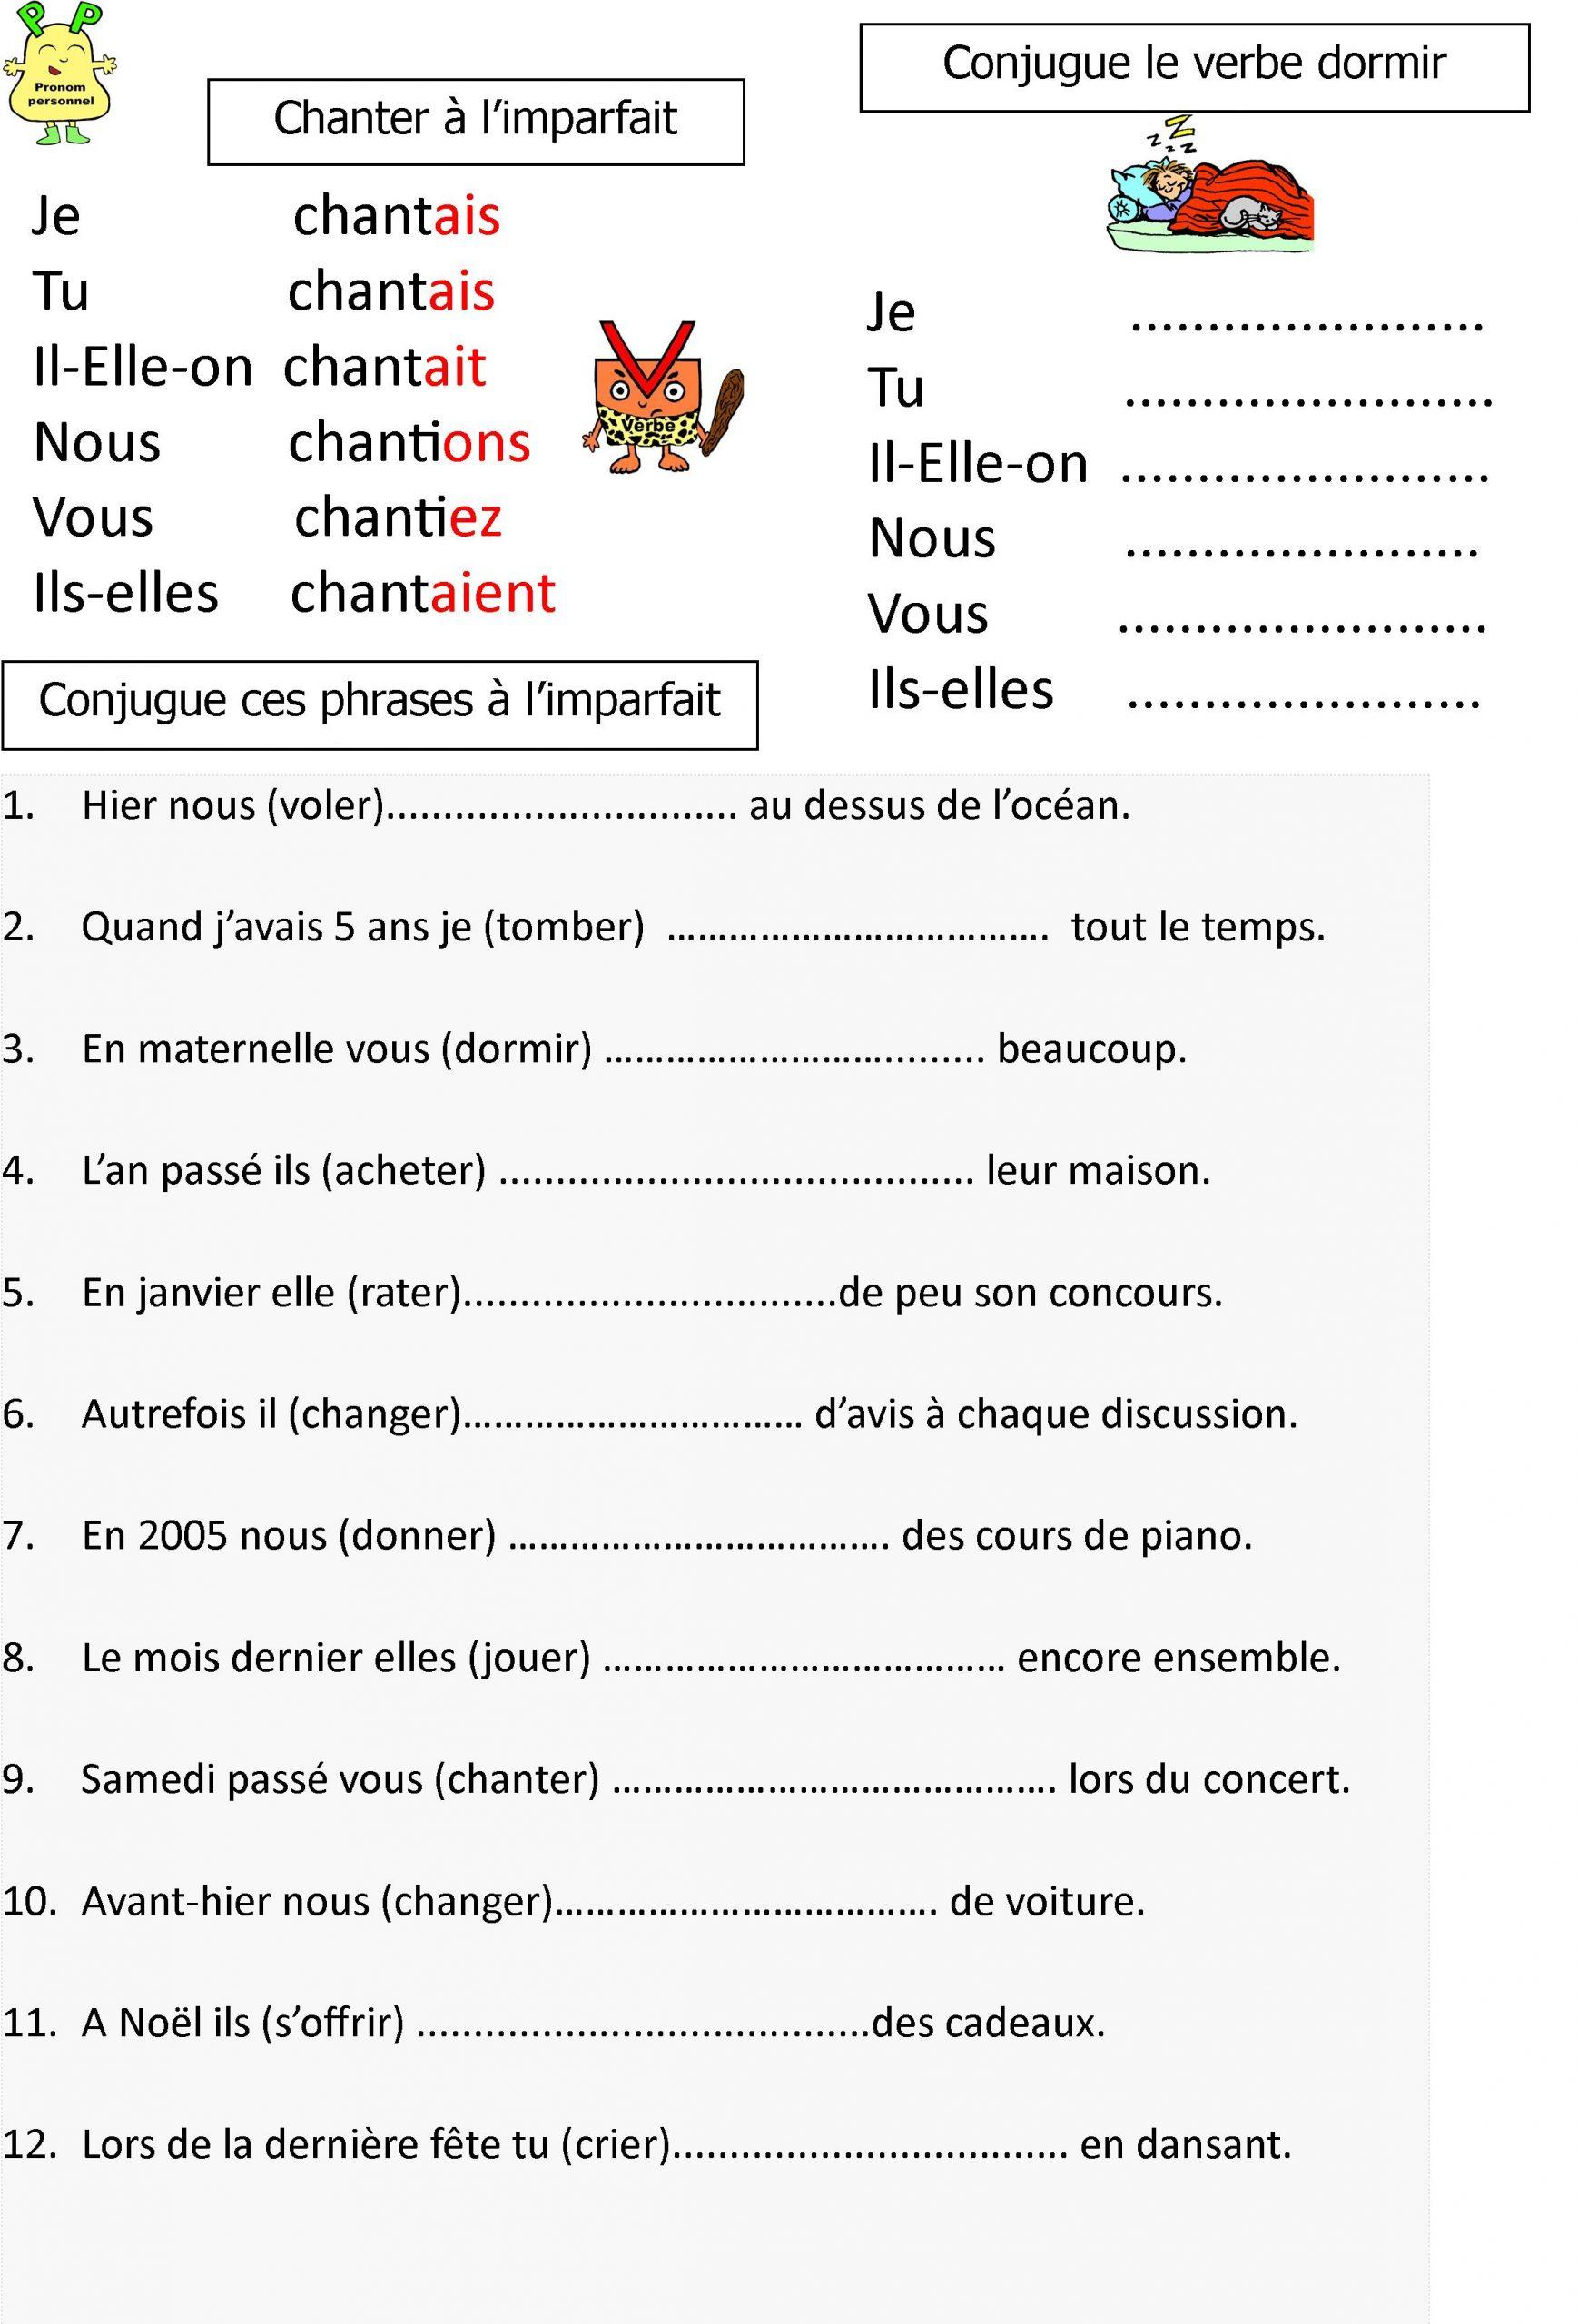 L'imparfait: Leçon Et Exerices Pour Ce1-Ce2 | Le Blog De destiné Travaille Ce2 A Imprimer